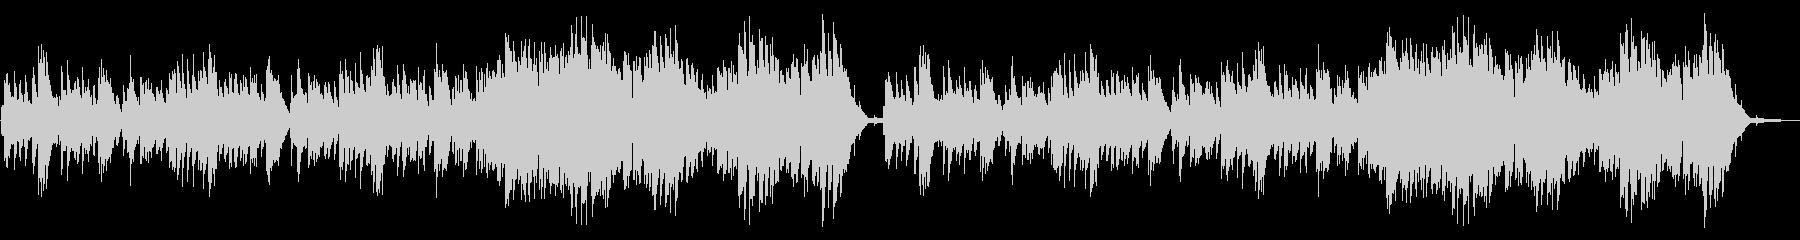 静か、単調なピアノソロの未再生の波形